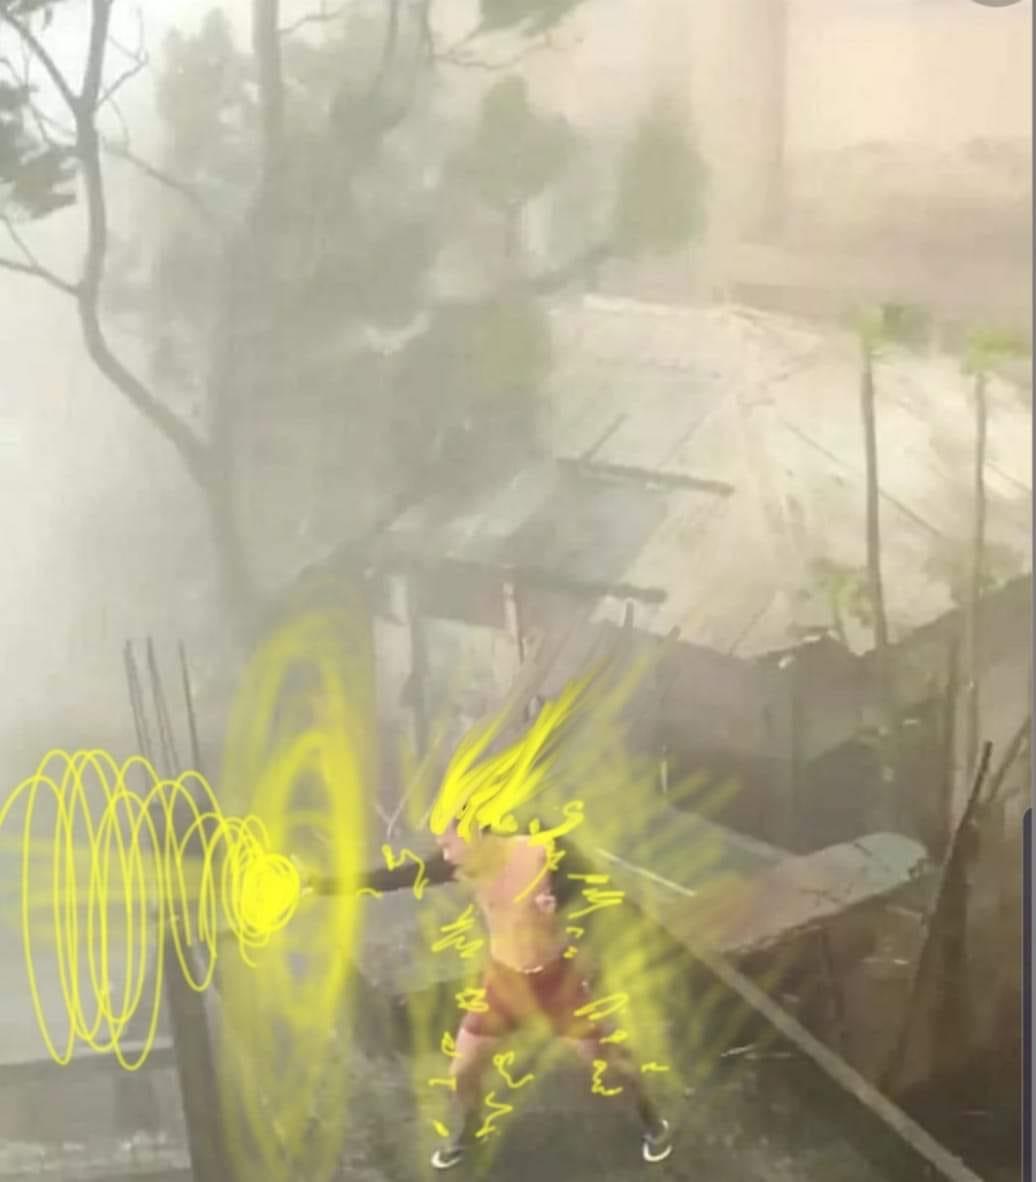 Meme thanh niên cởi trần gào théo trong bão